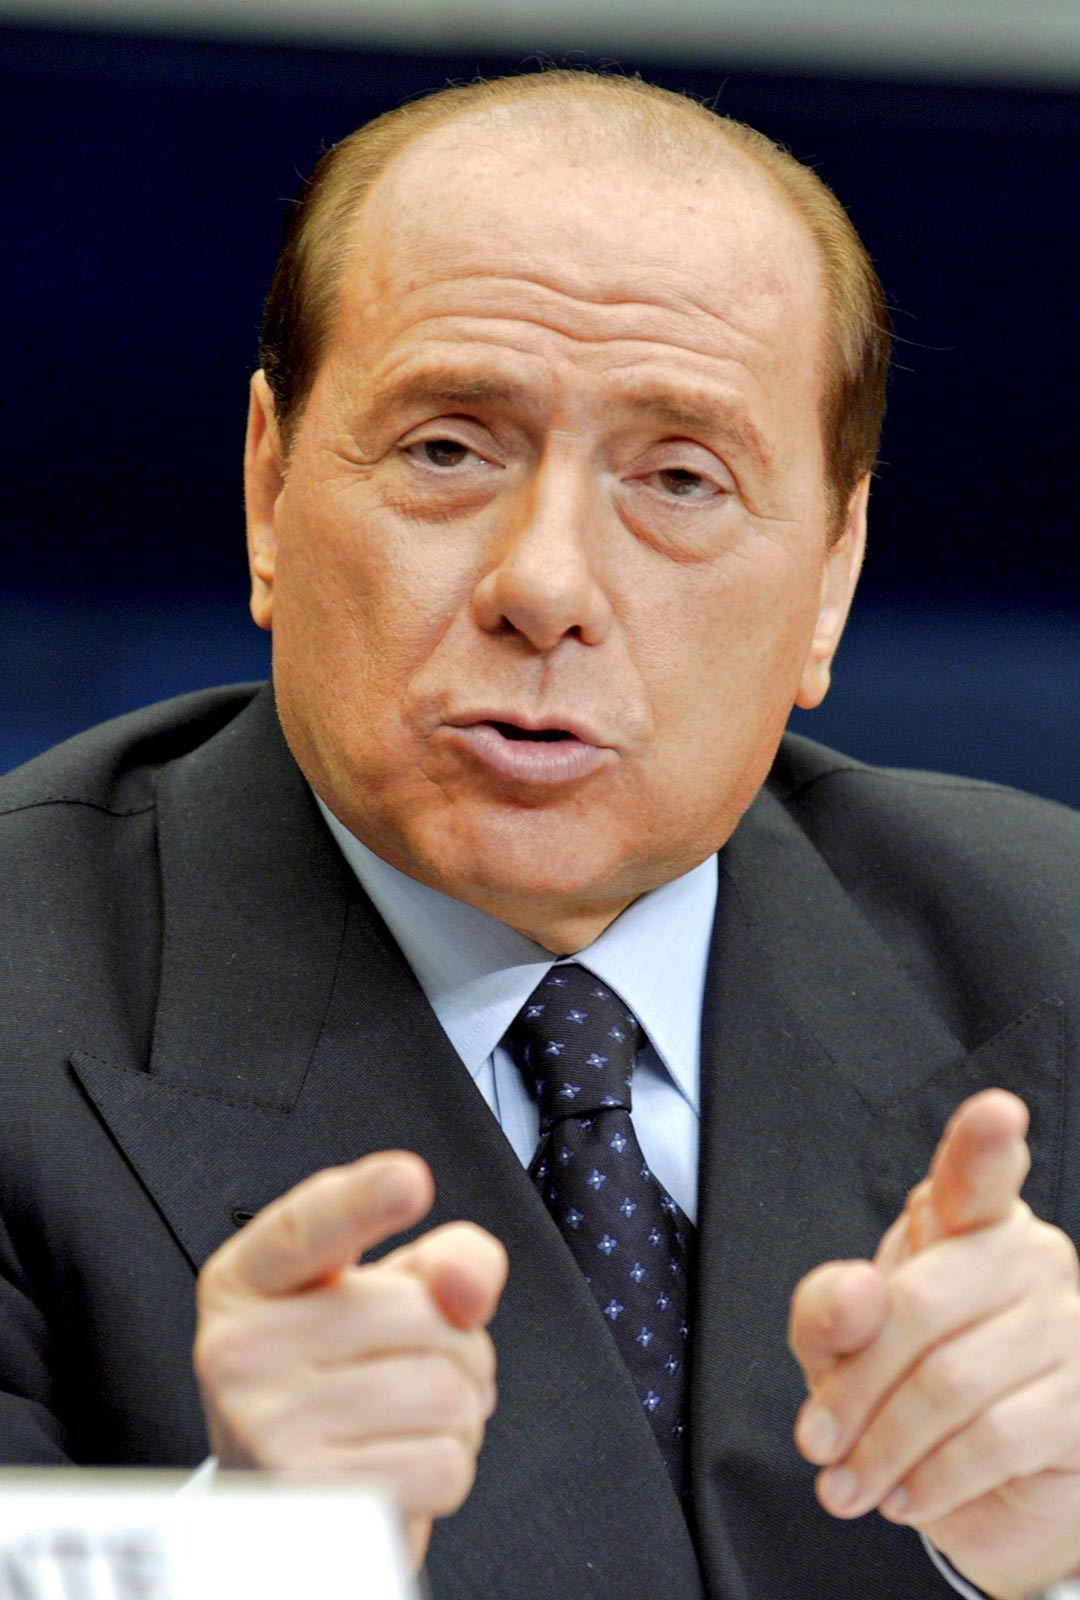 Italian entinen pääministeri Silvio Berlusconi solvasi kohteliaisuussäännöistä piittaamatta jopa suomalaista ruokaa.